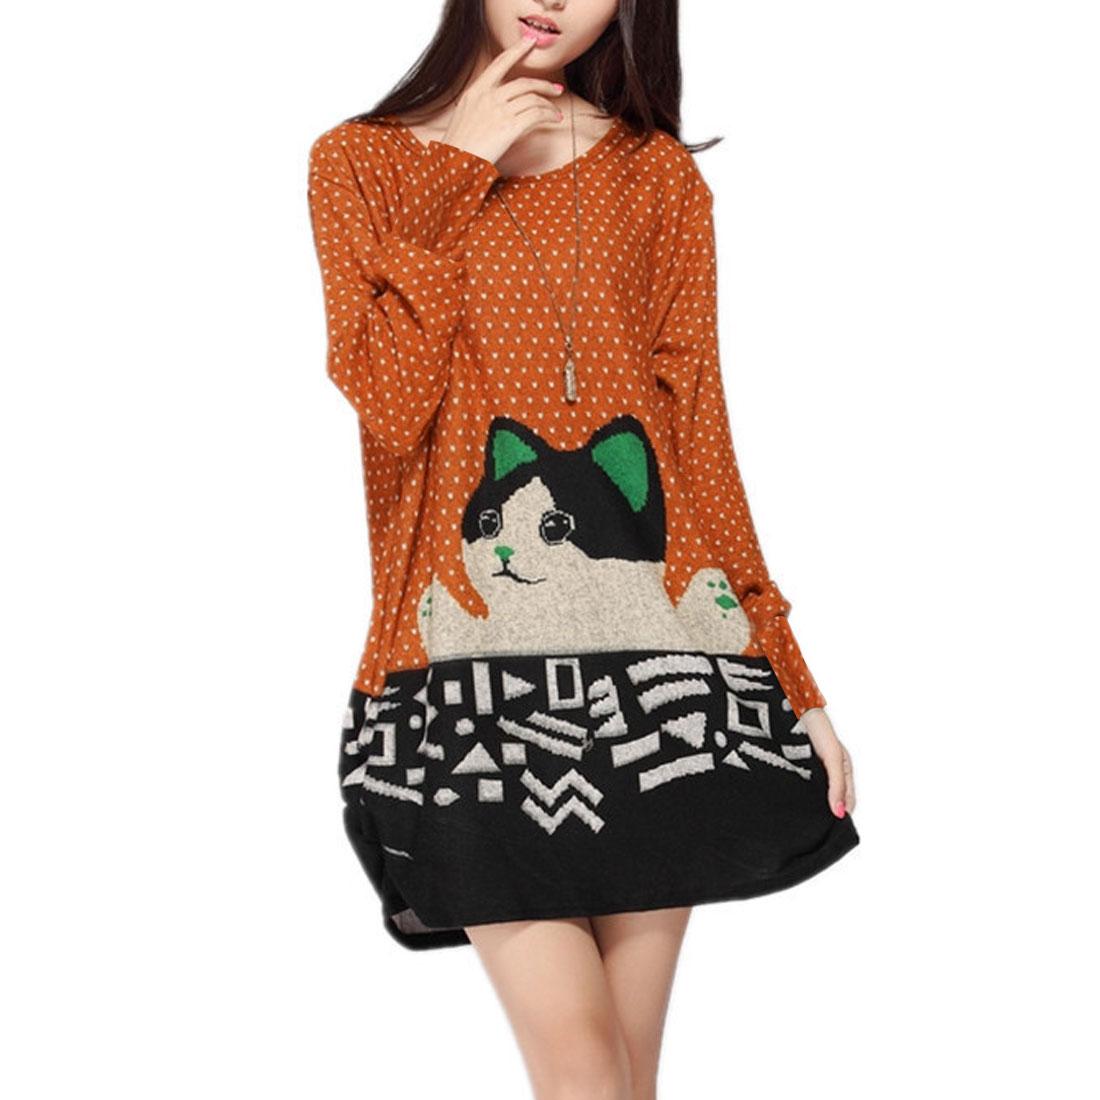 Round Neck Cat Pattern Autumn Casual Loose Mini Dress Black Orange M for Ladies